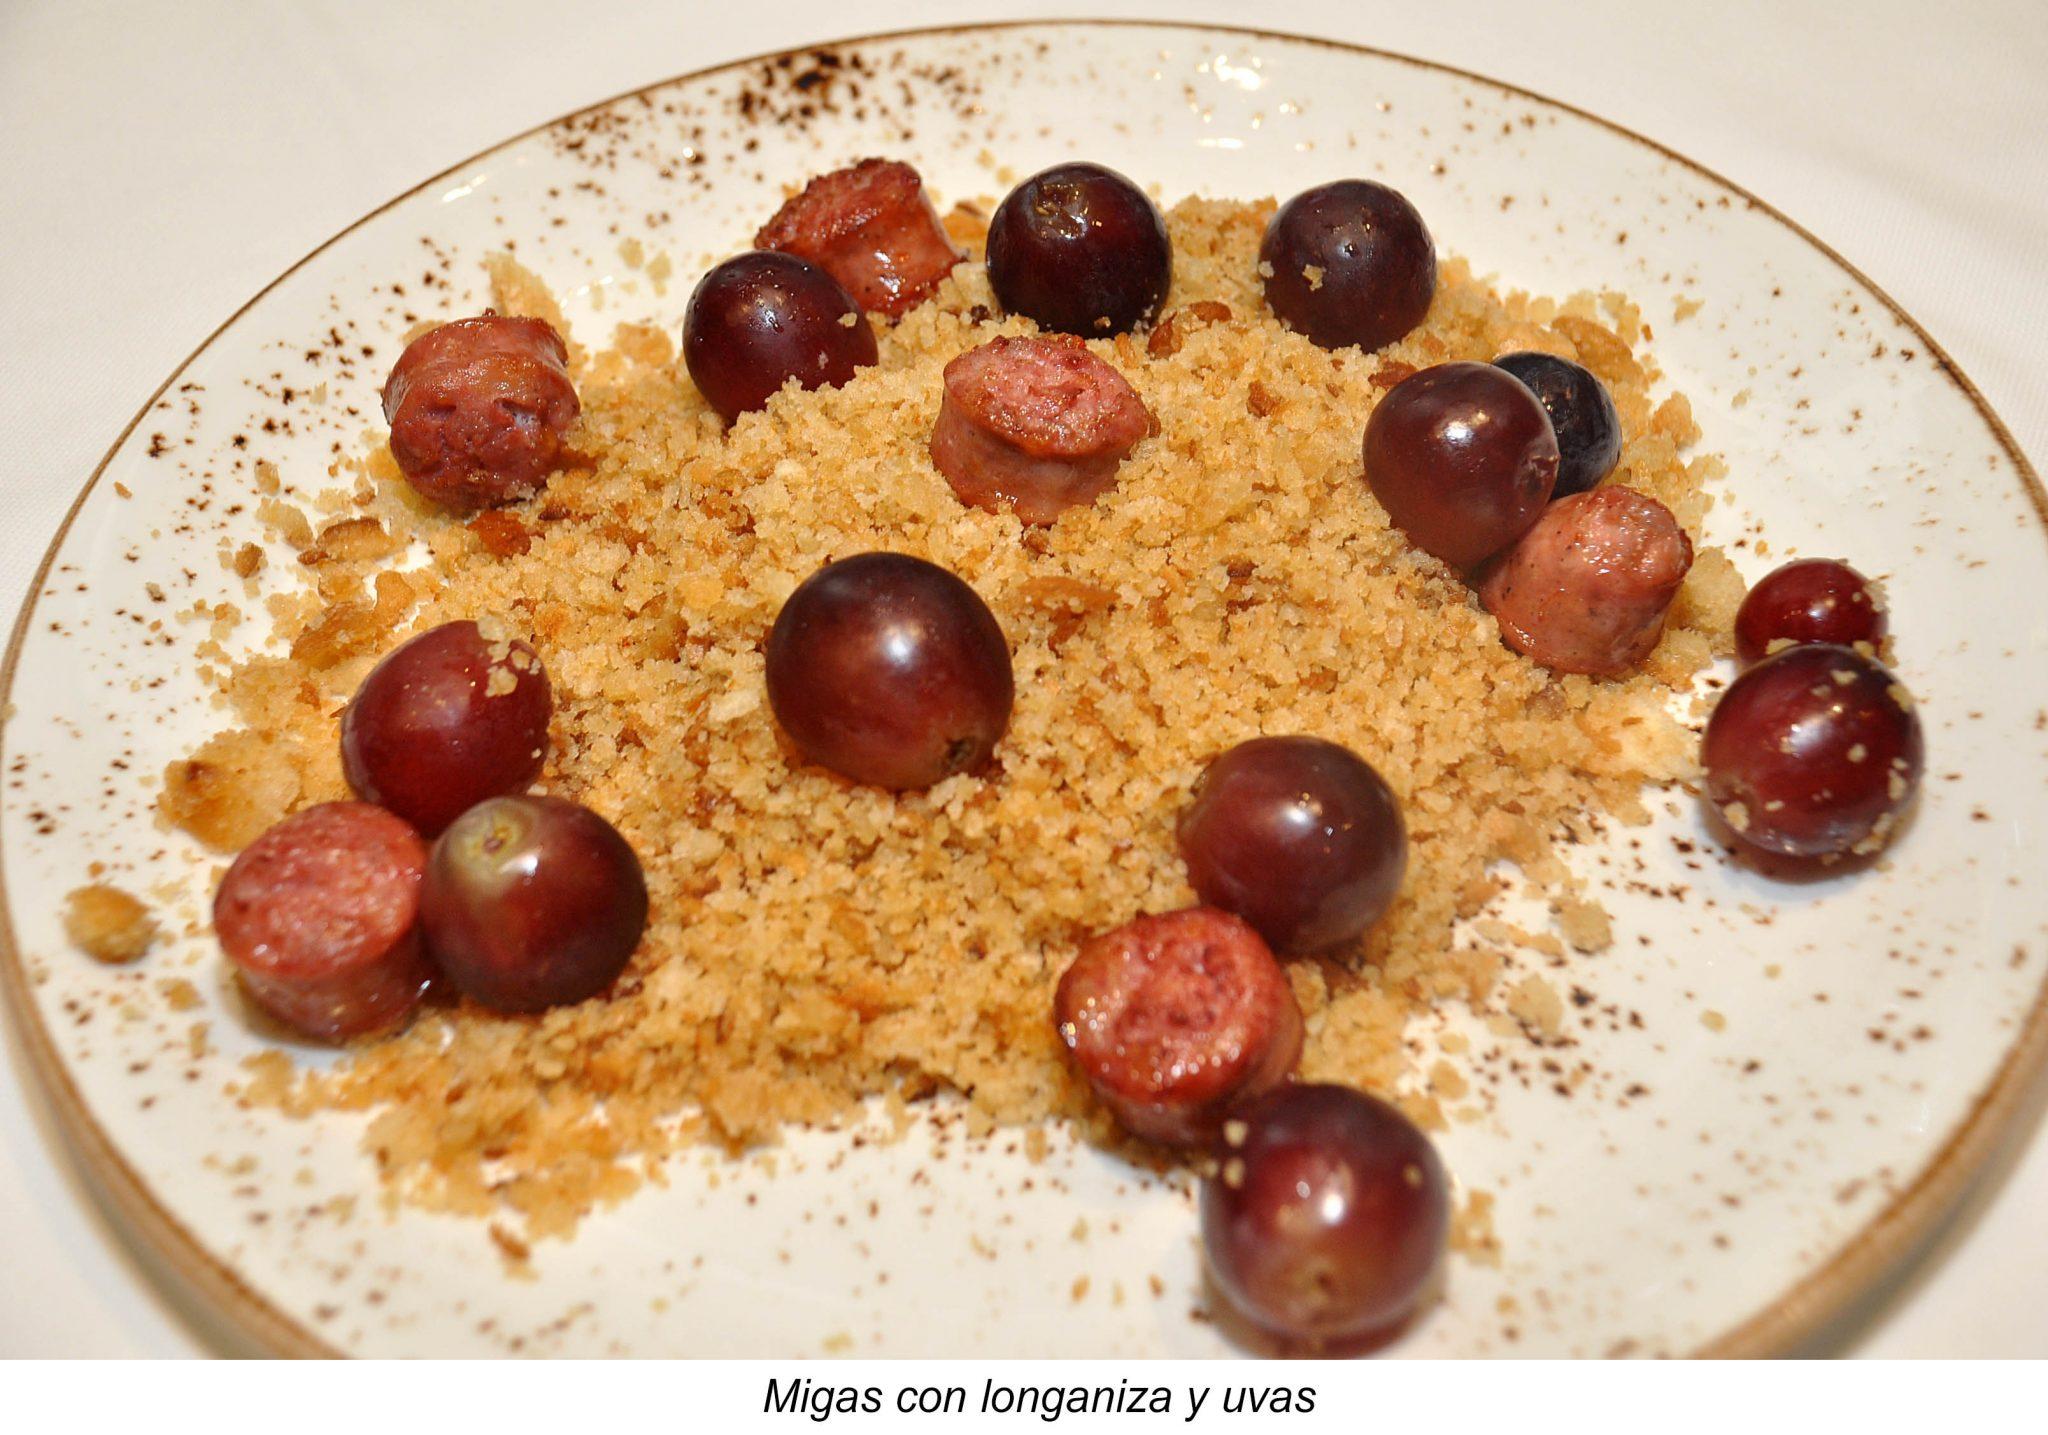 06. Migas con longaniza y uvas